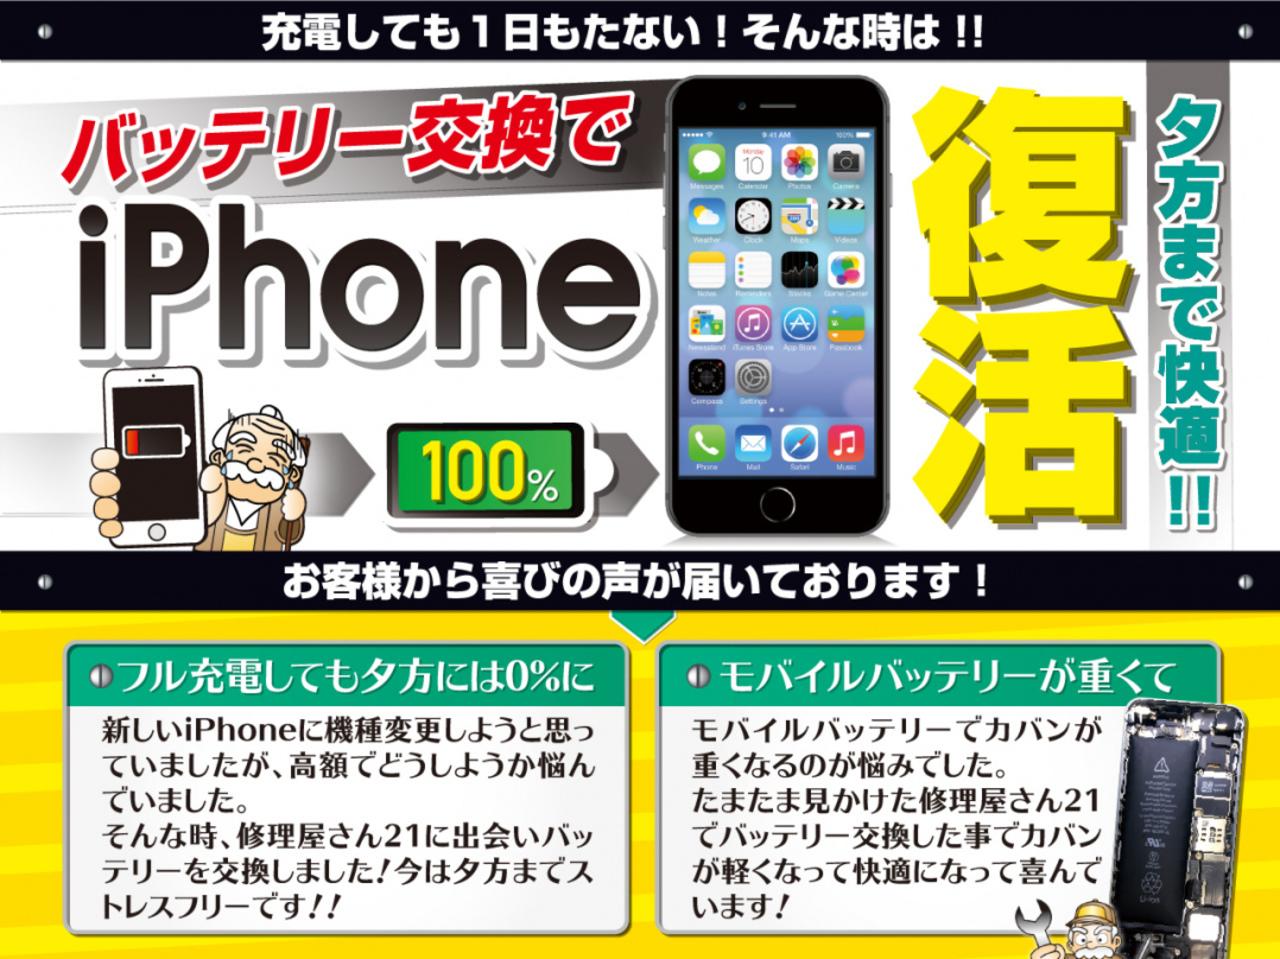 iPhoneバッテリー交換 5,378円から即日修理いたします|修理屋さん21上野店